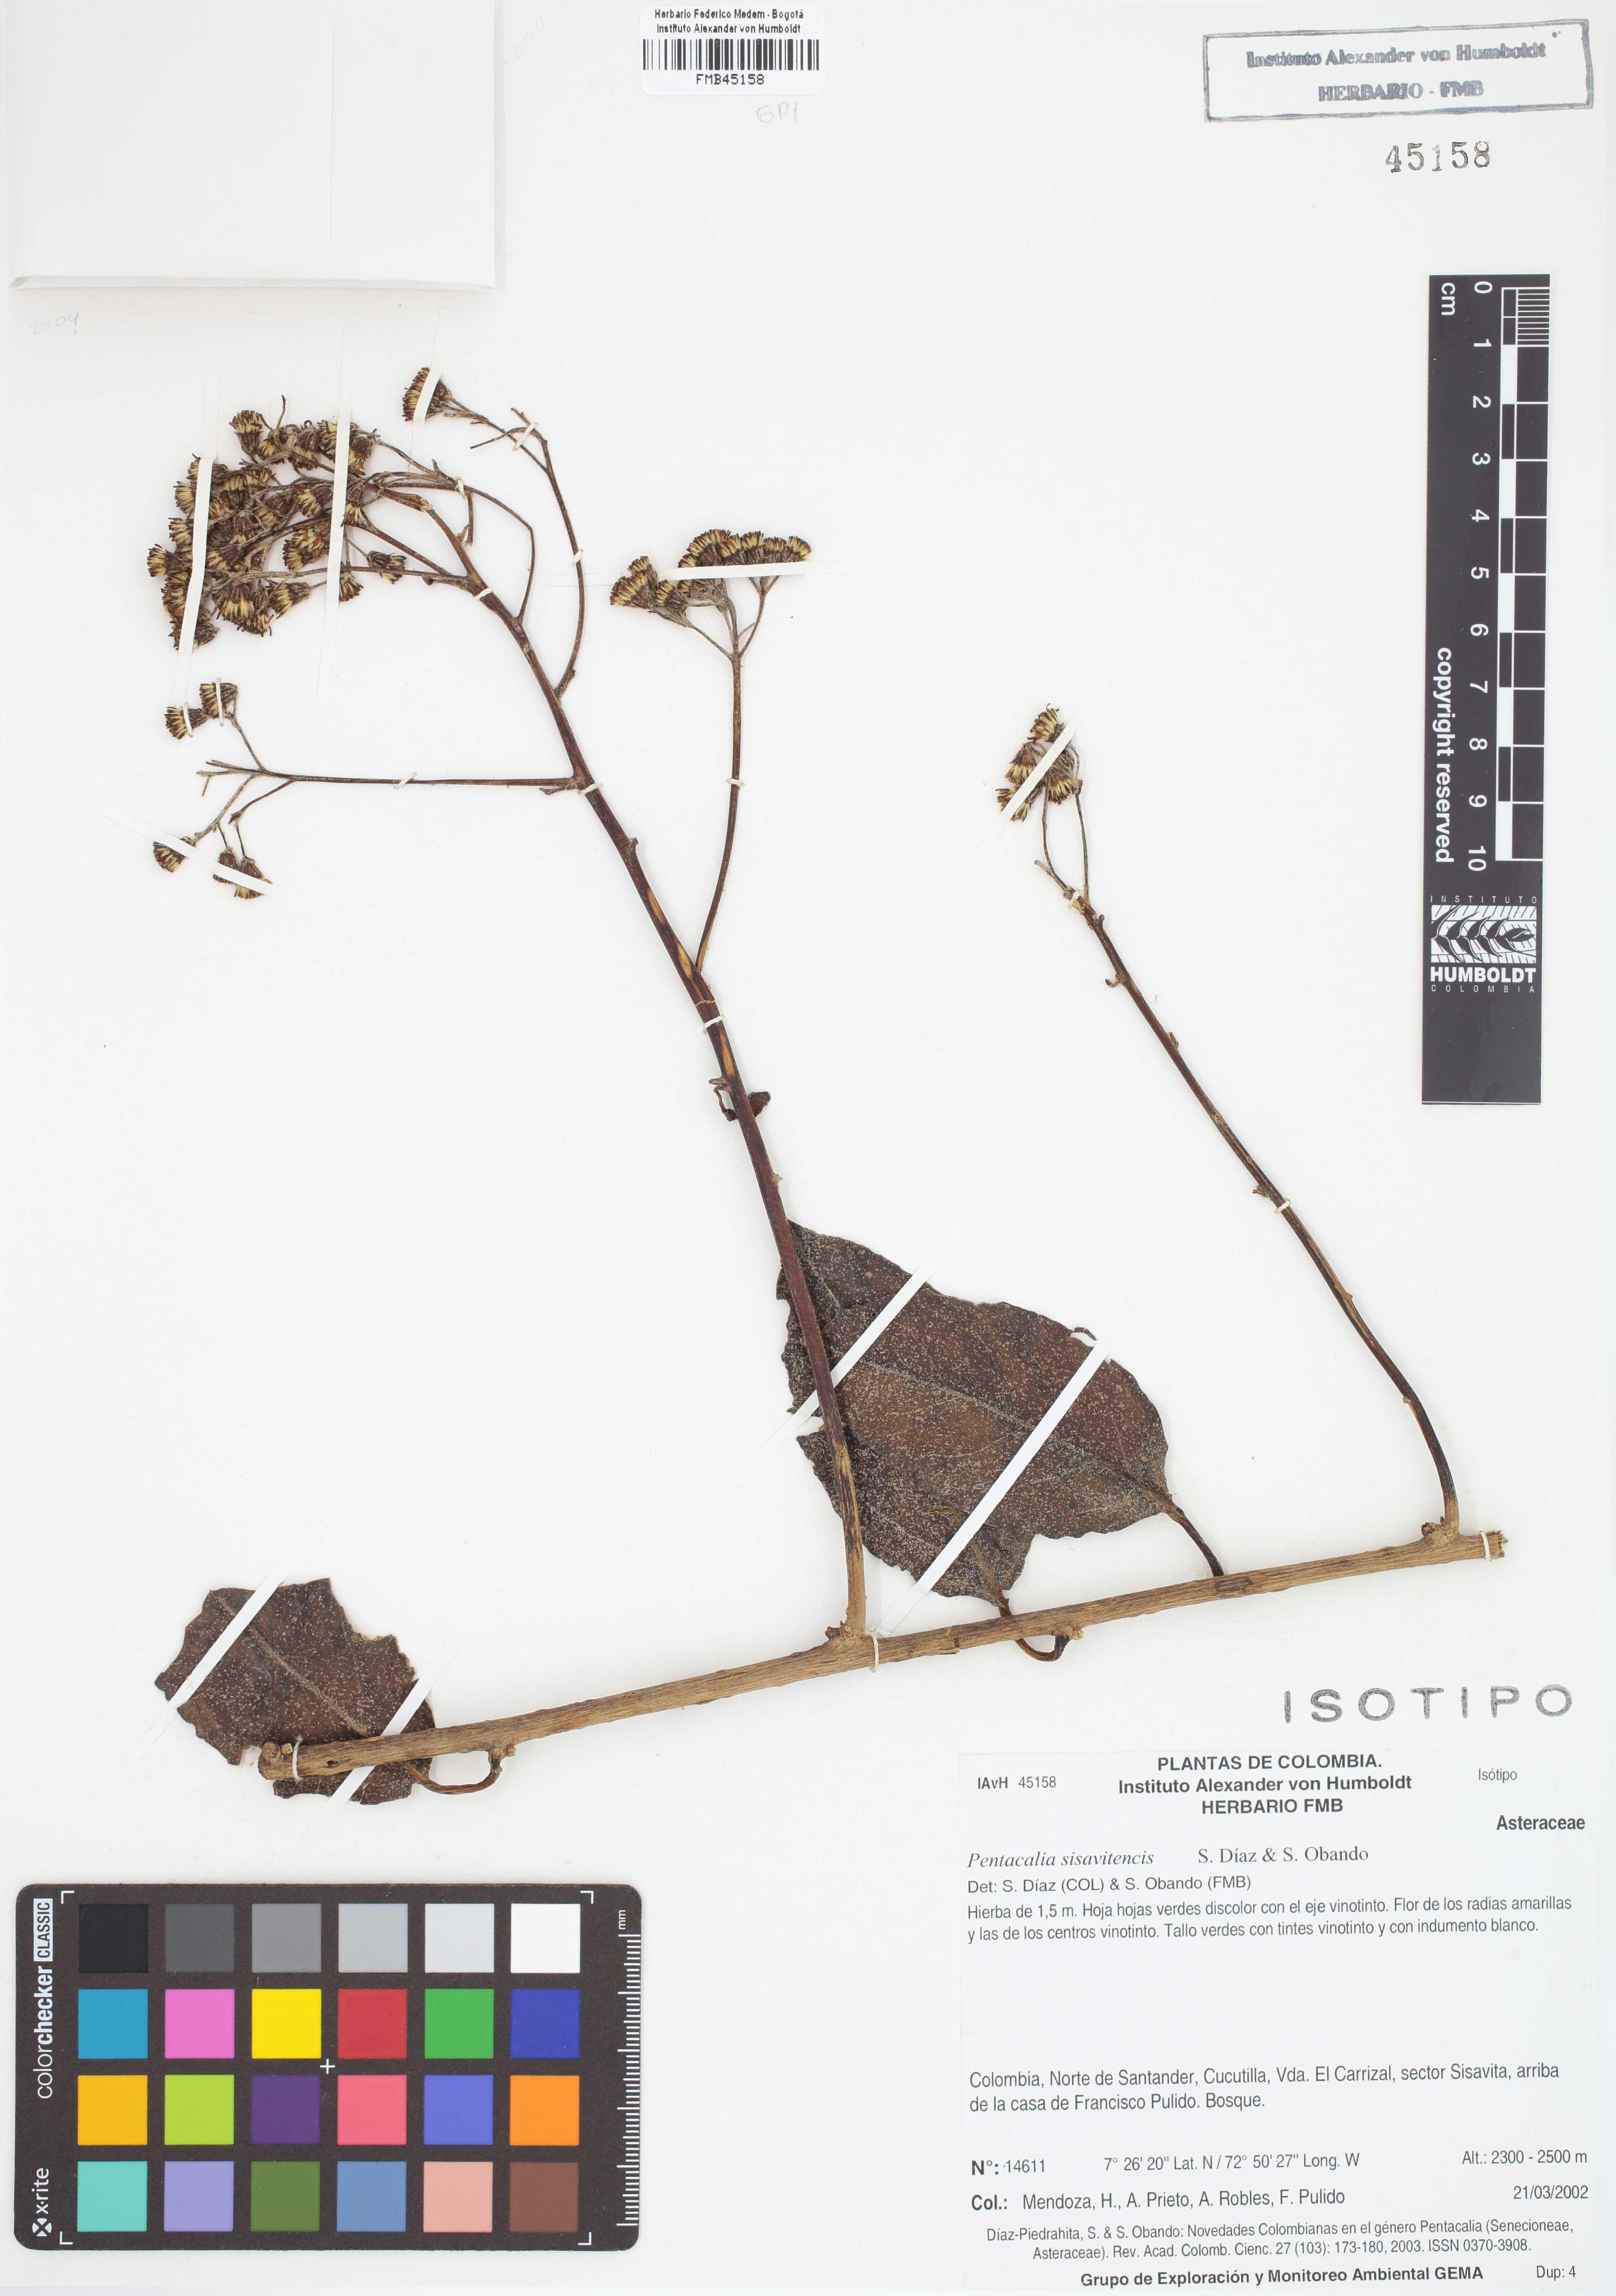 Isotipo de <em>Pentacalia sisavitensis</em>, FMB-45158, Fotografía por Robles A.